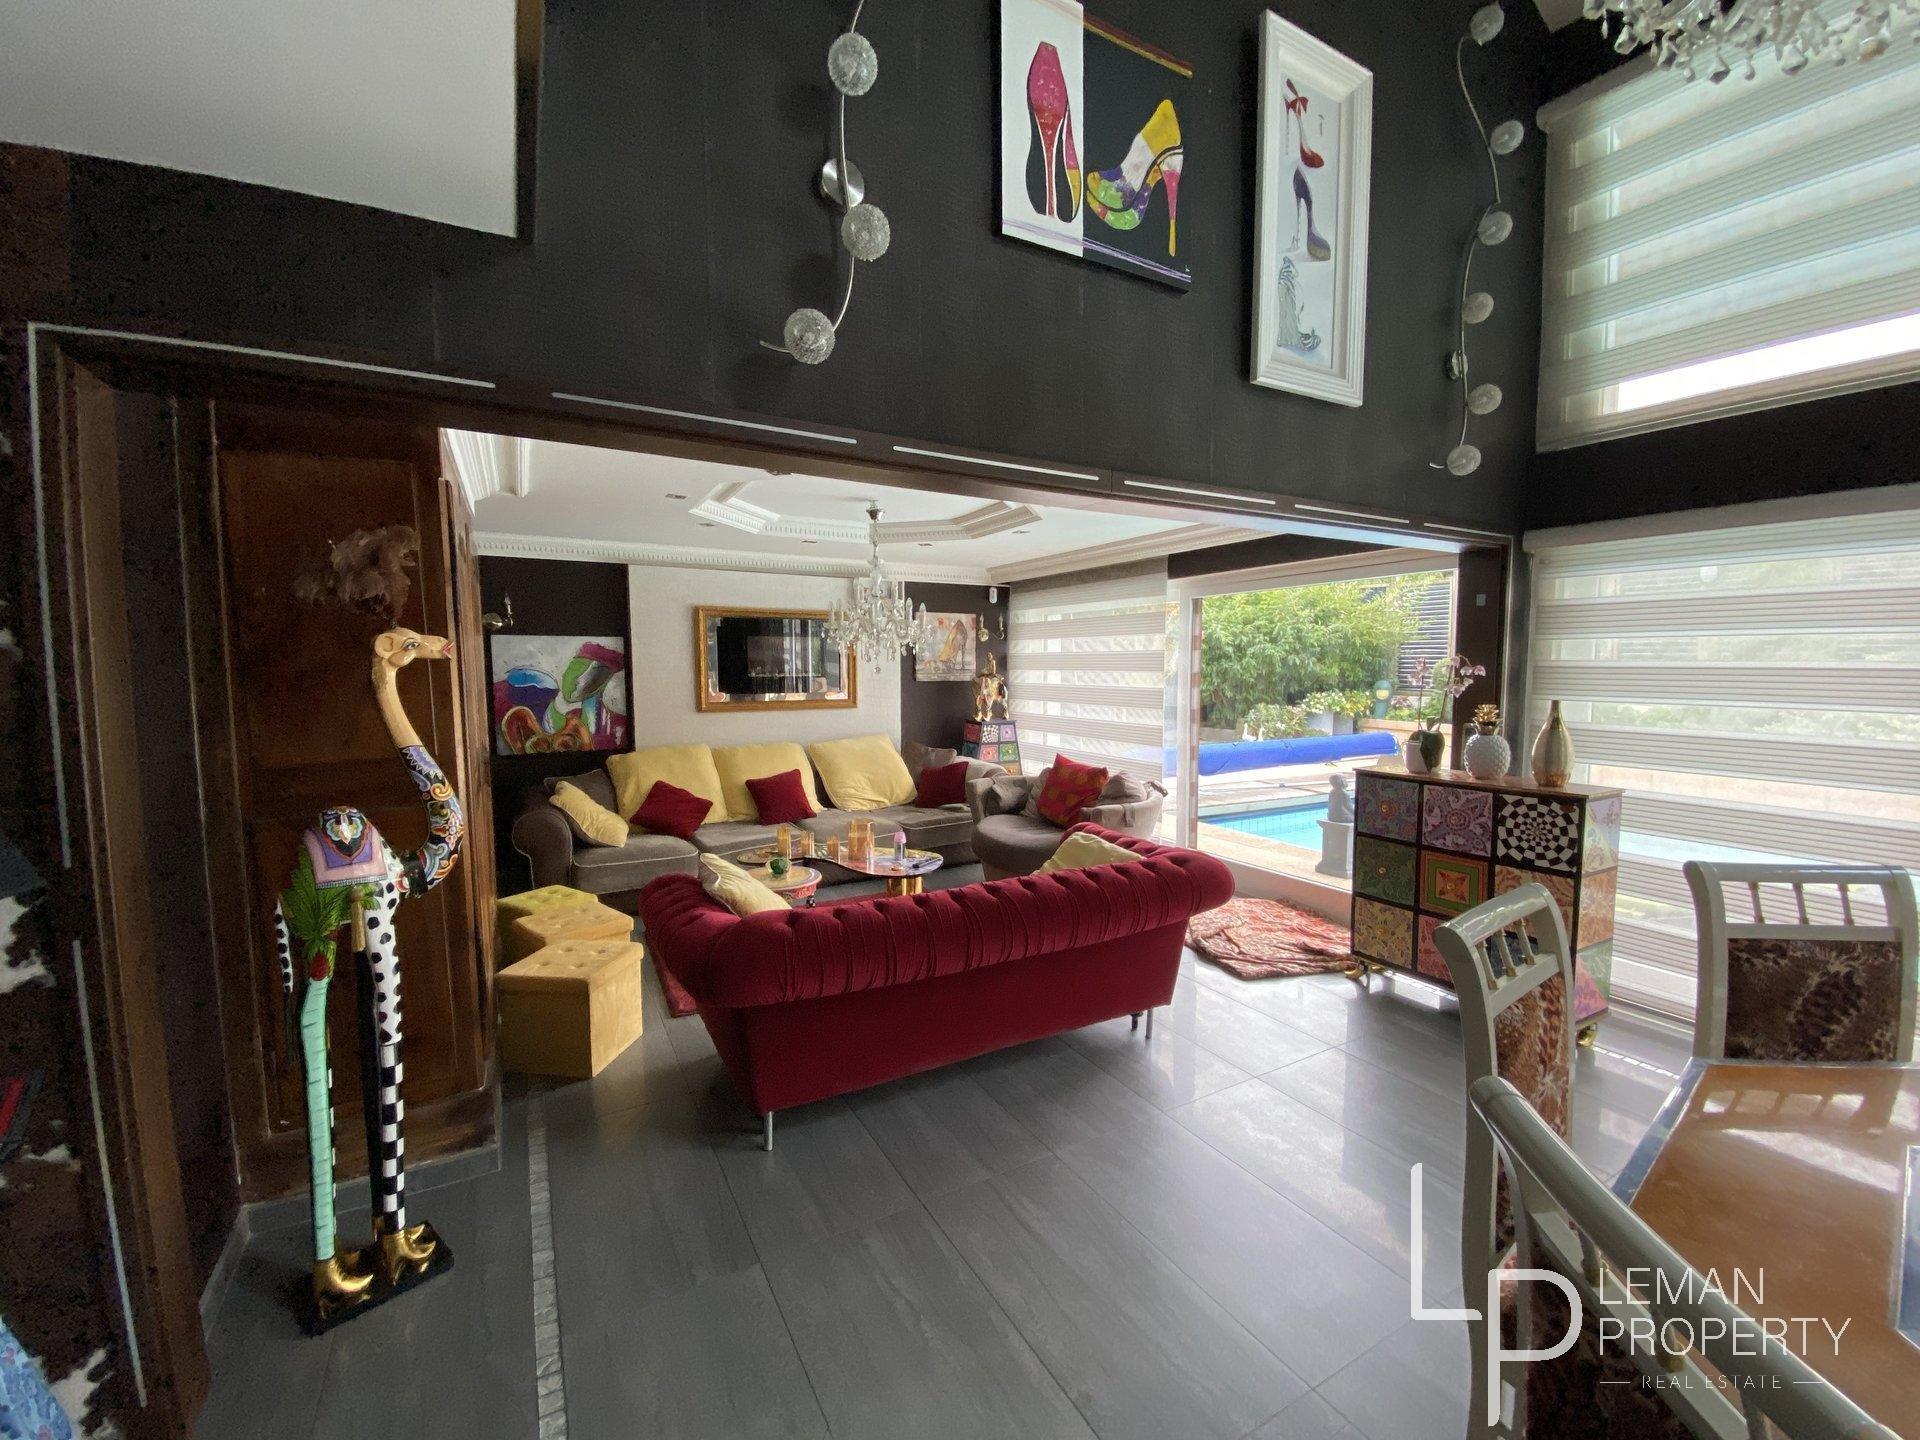 Vente de maison à Maxilly-sur-Léman au prix de 950000€